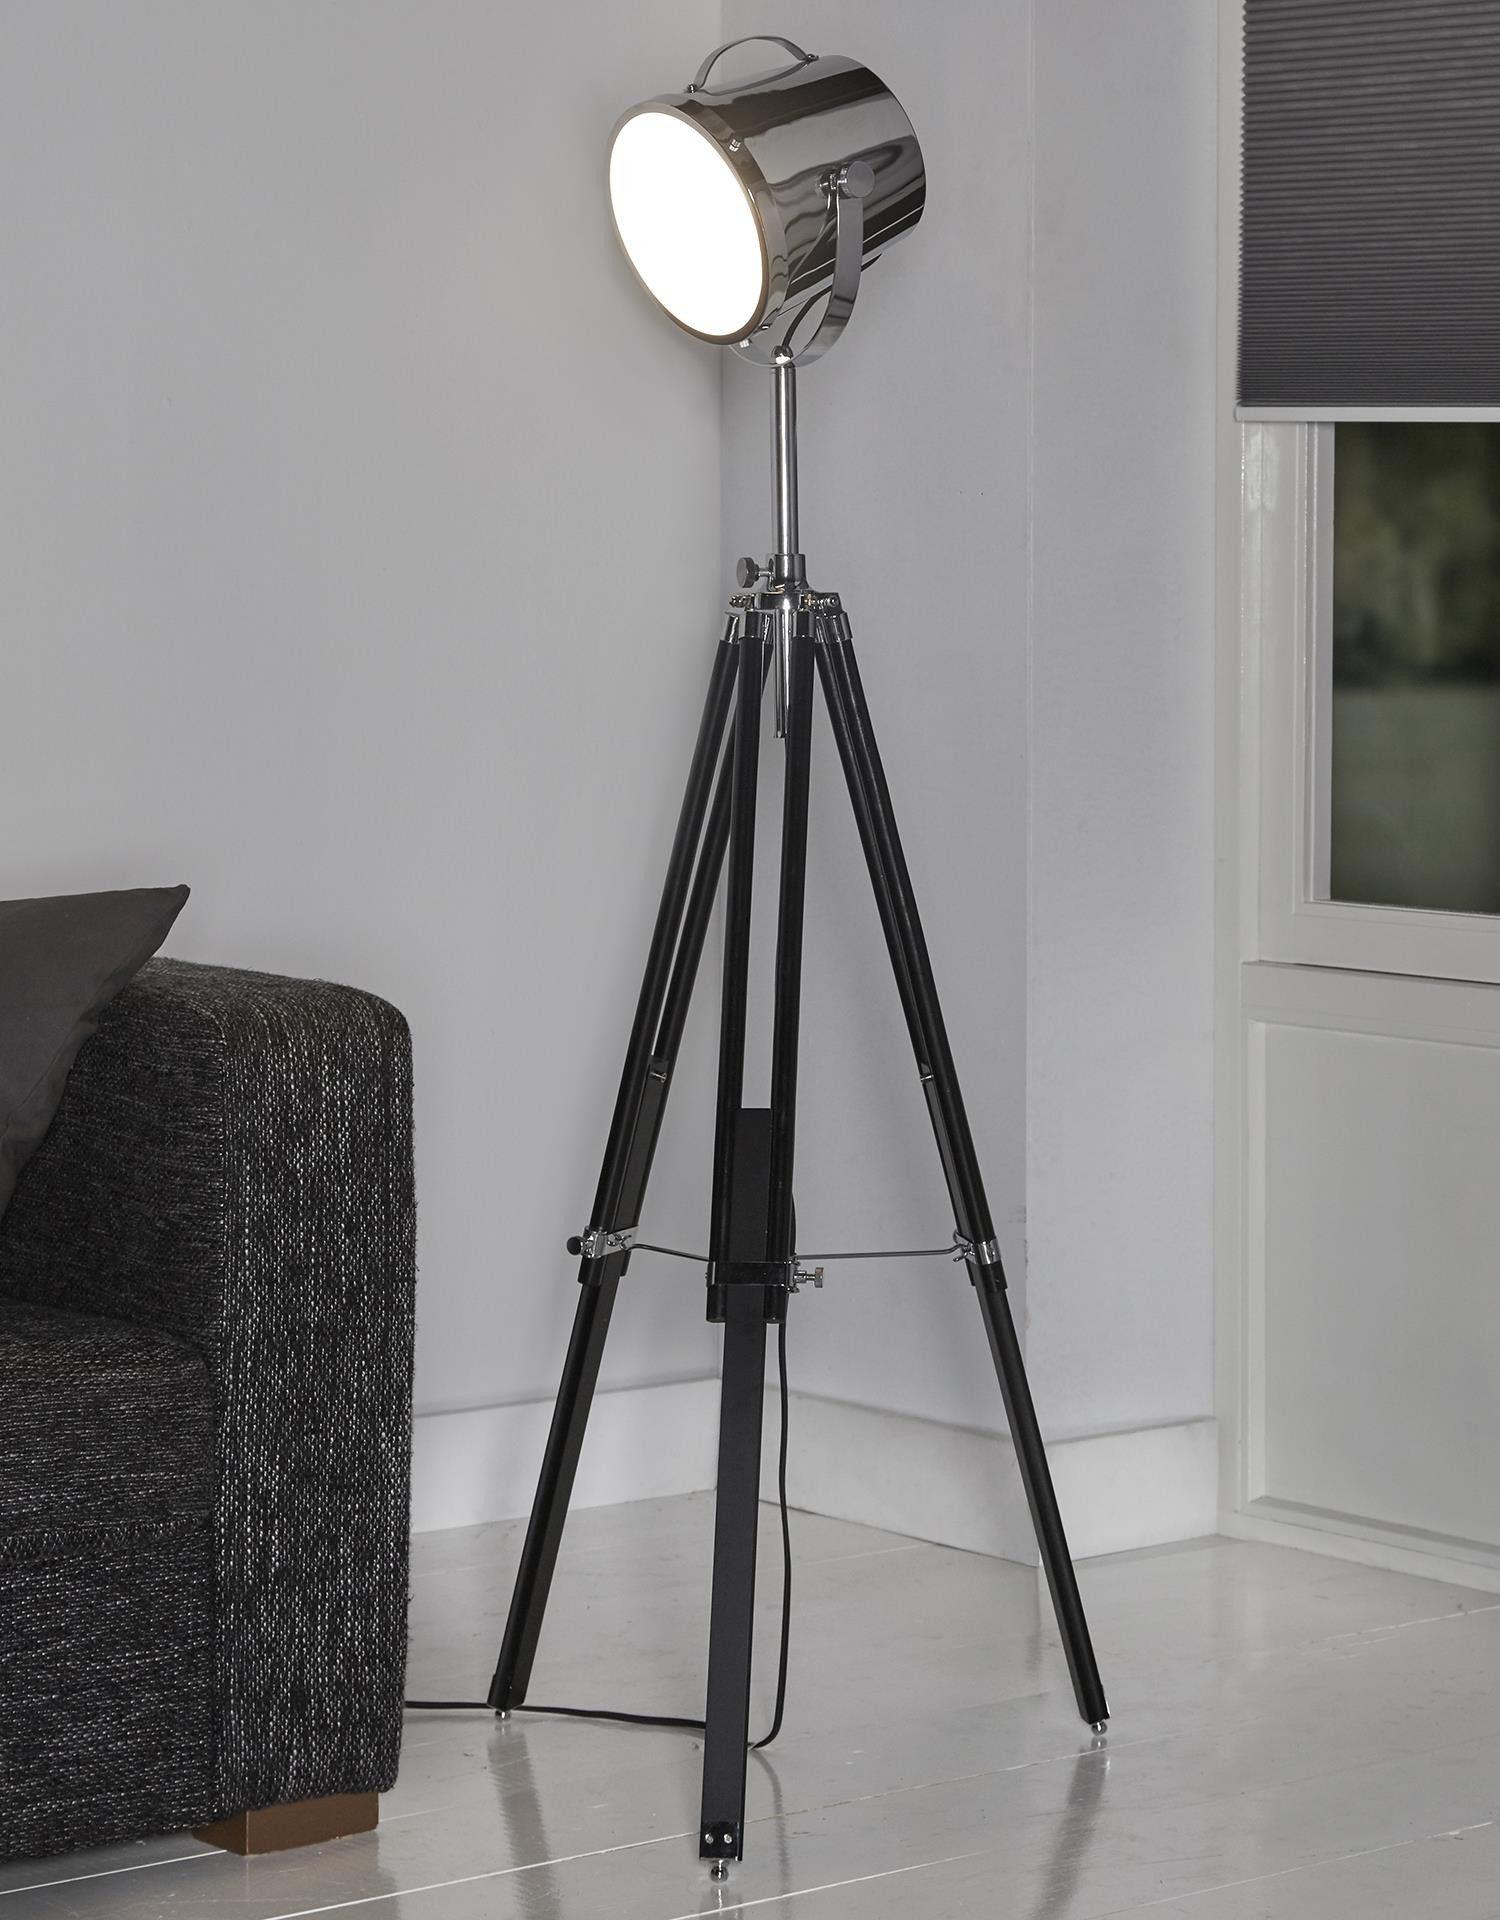 Lampadaire Studio Noir Apportera Une Touche Industrielle A Votre Salon Lampadaire Lampadaire Salon Meuble Tv Style Industriel